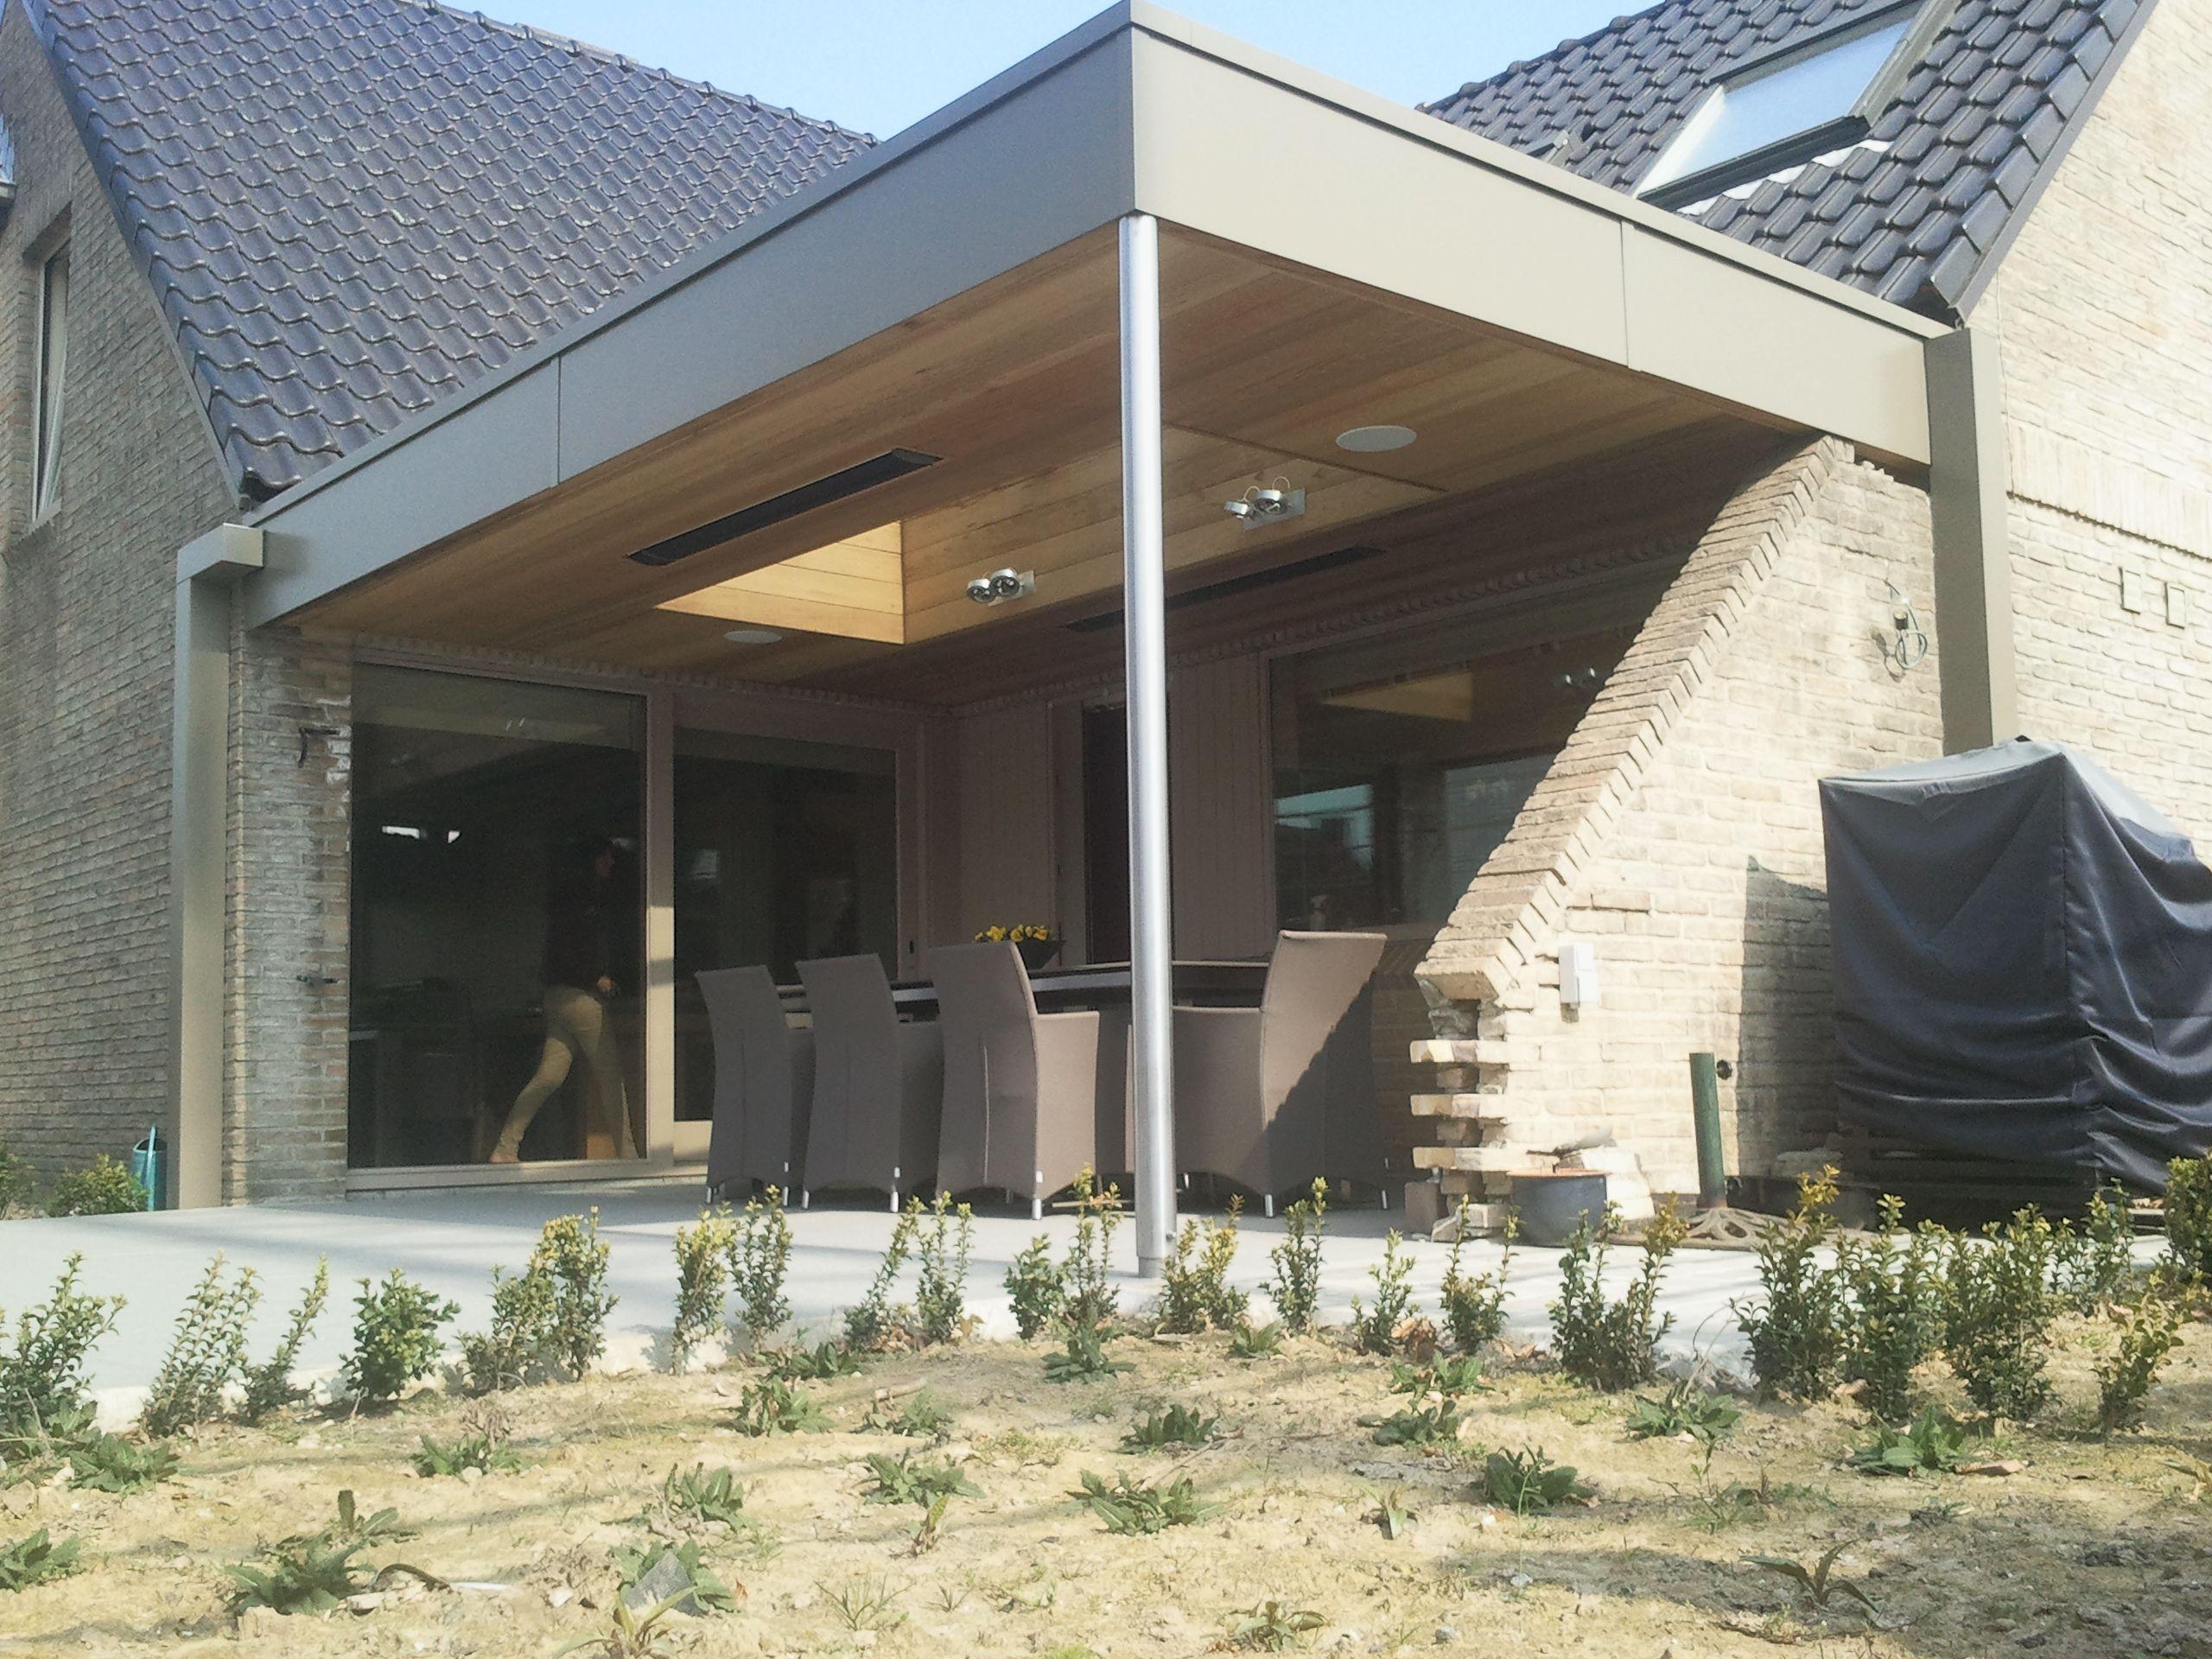 Deco buitenkant terras: bathim co park woluwe nieuwbouw penthouse